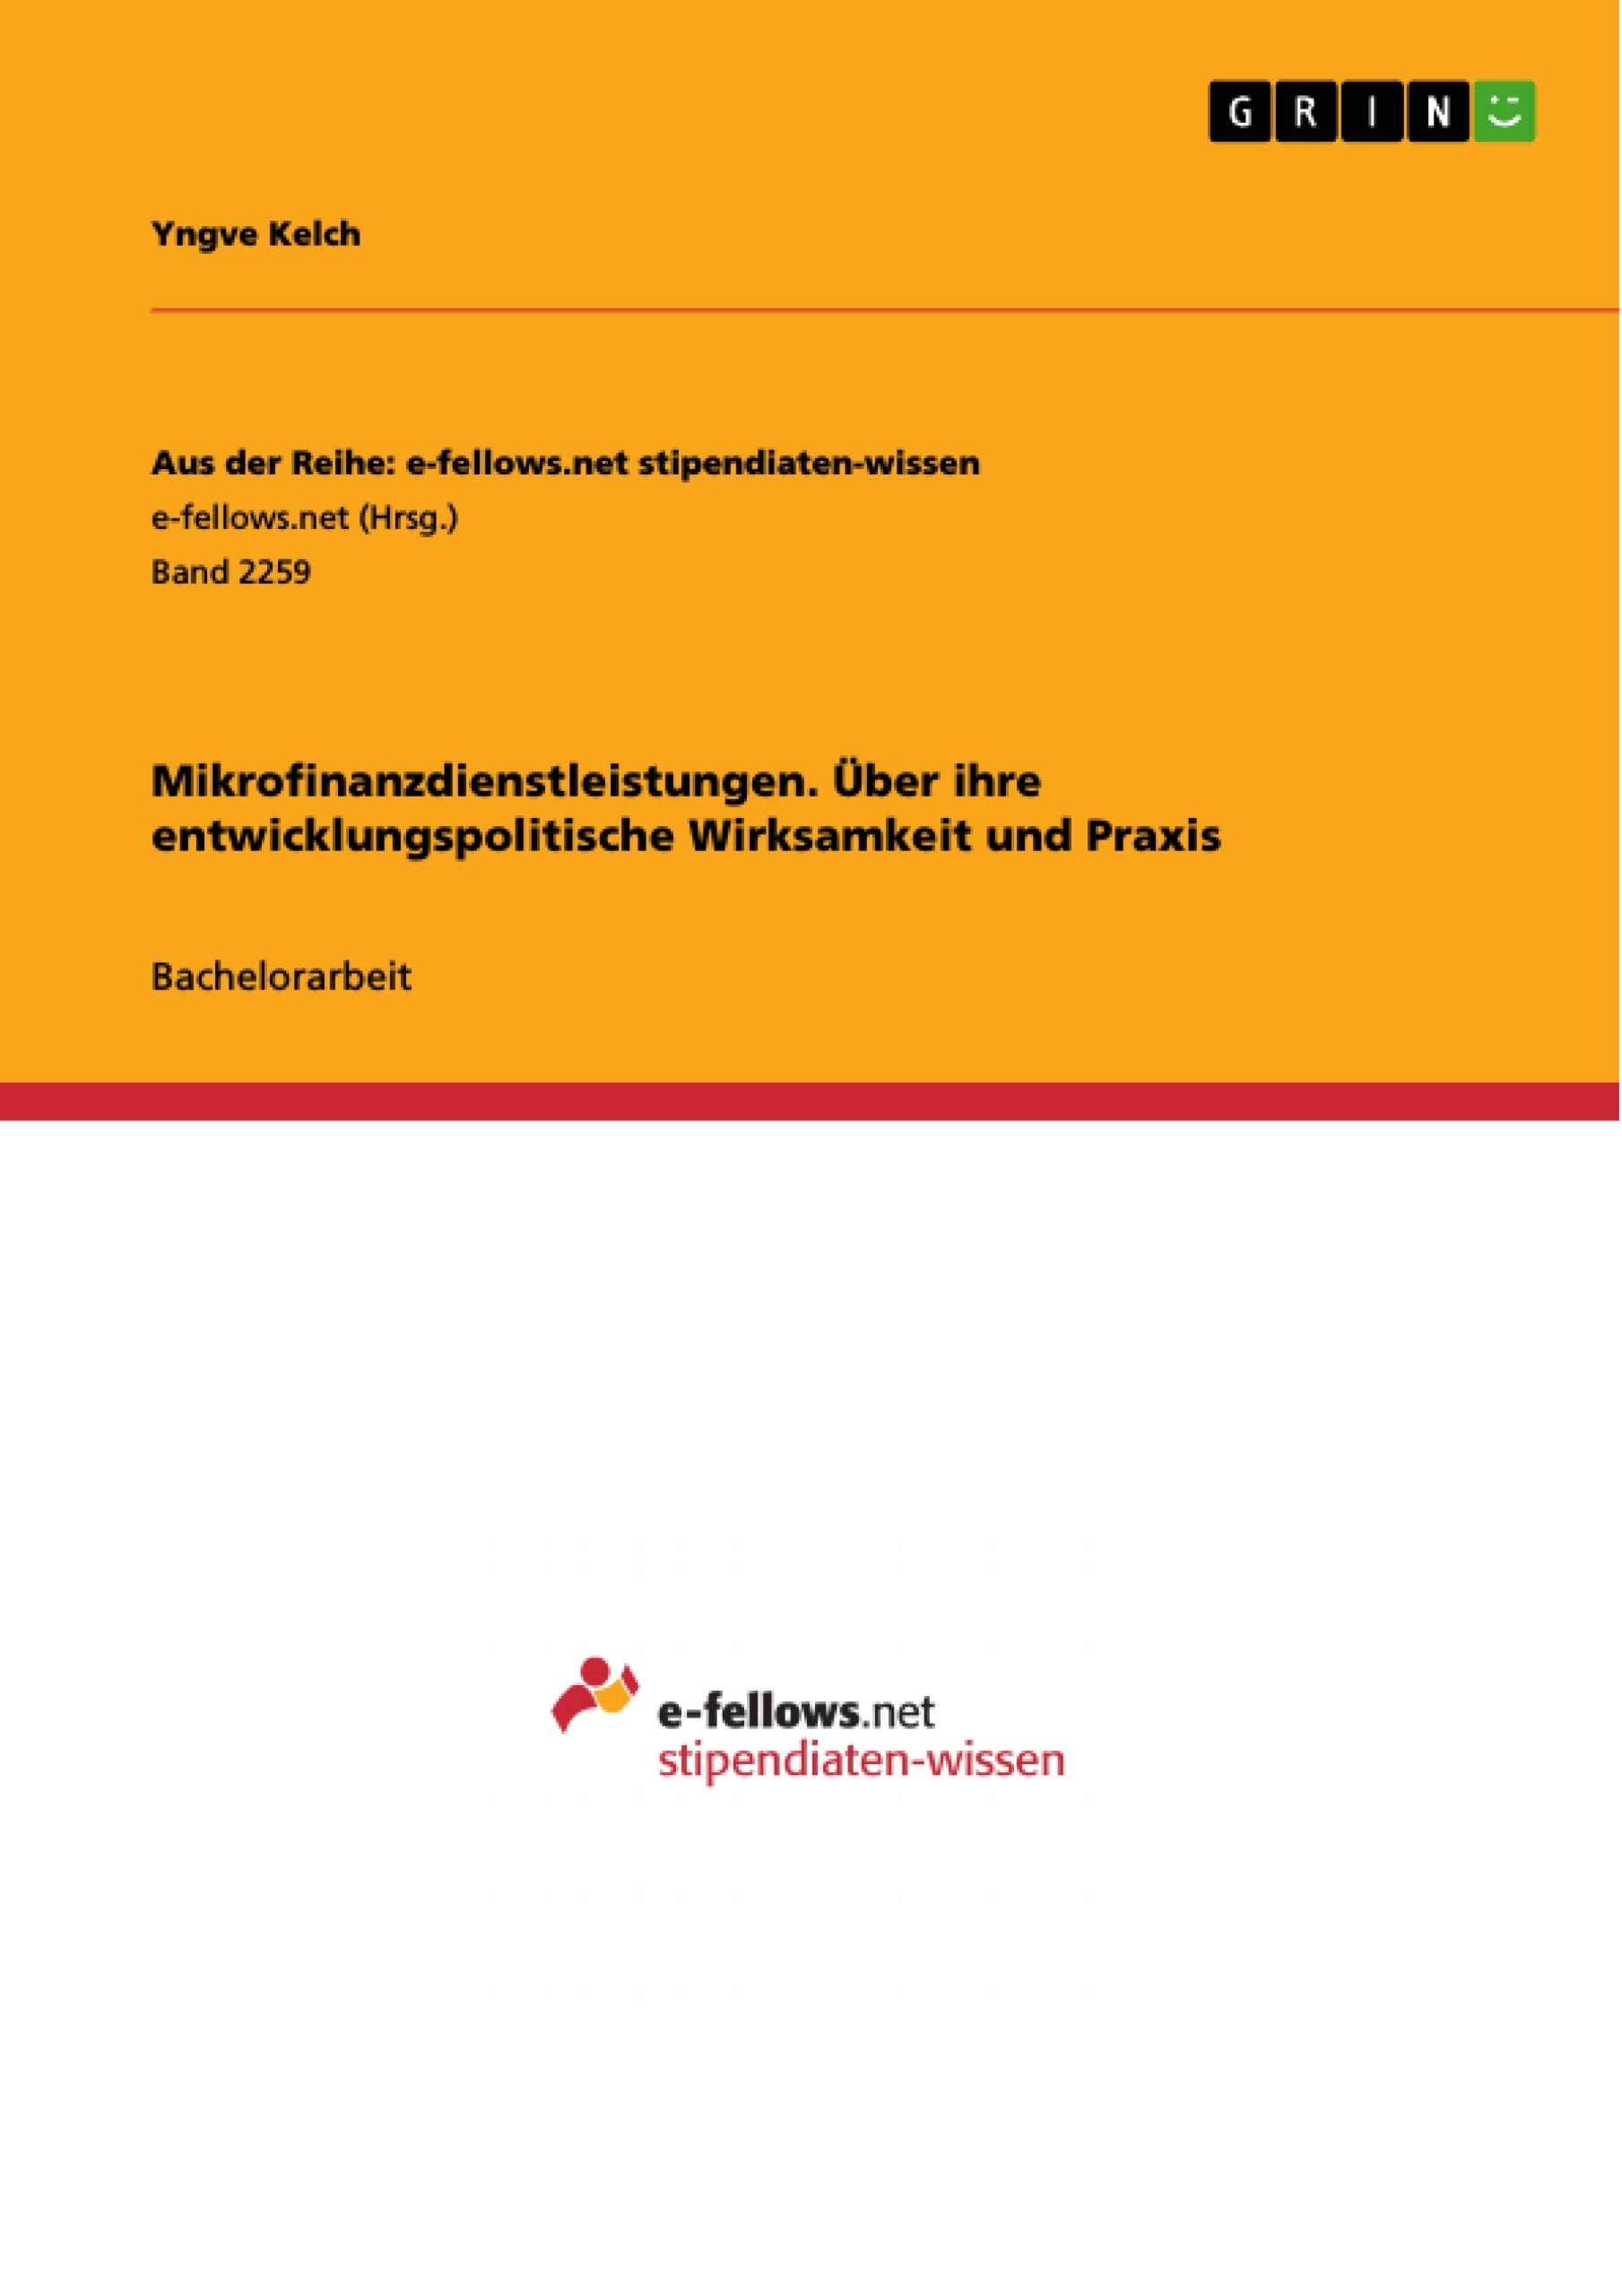 Titel: Mikrofinanzdienstleistungen. Über ihre entwicklungspolitische Wirksamkeit und Praxis